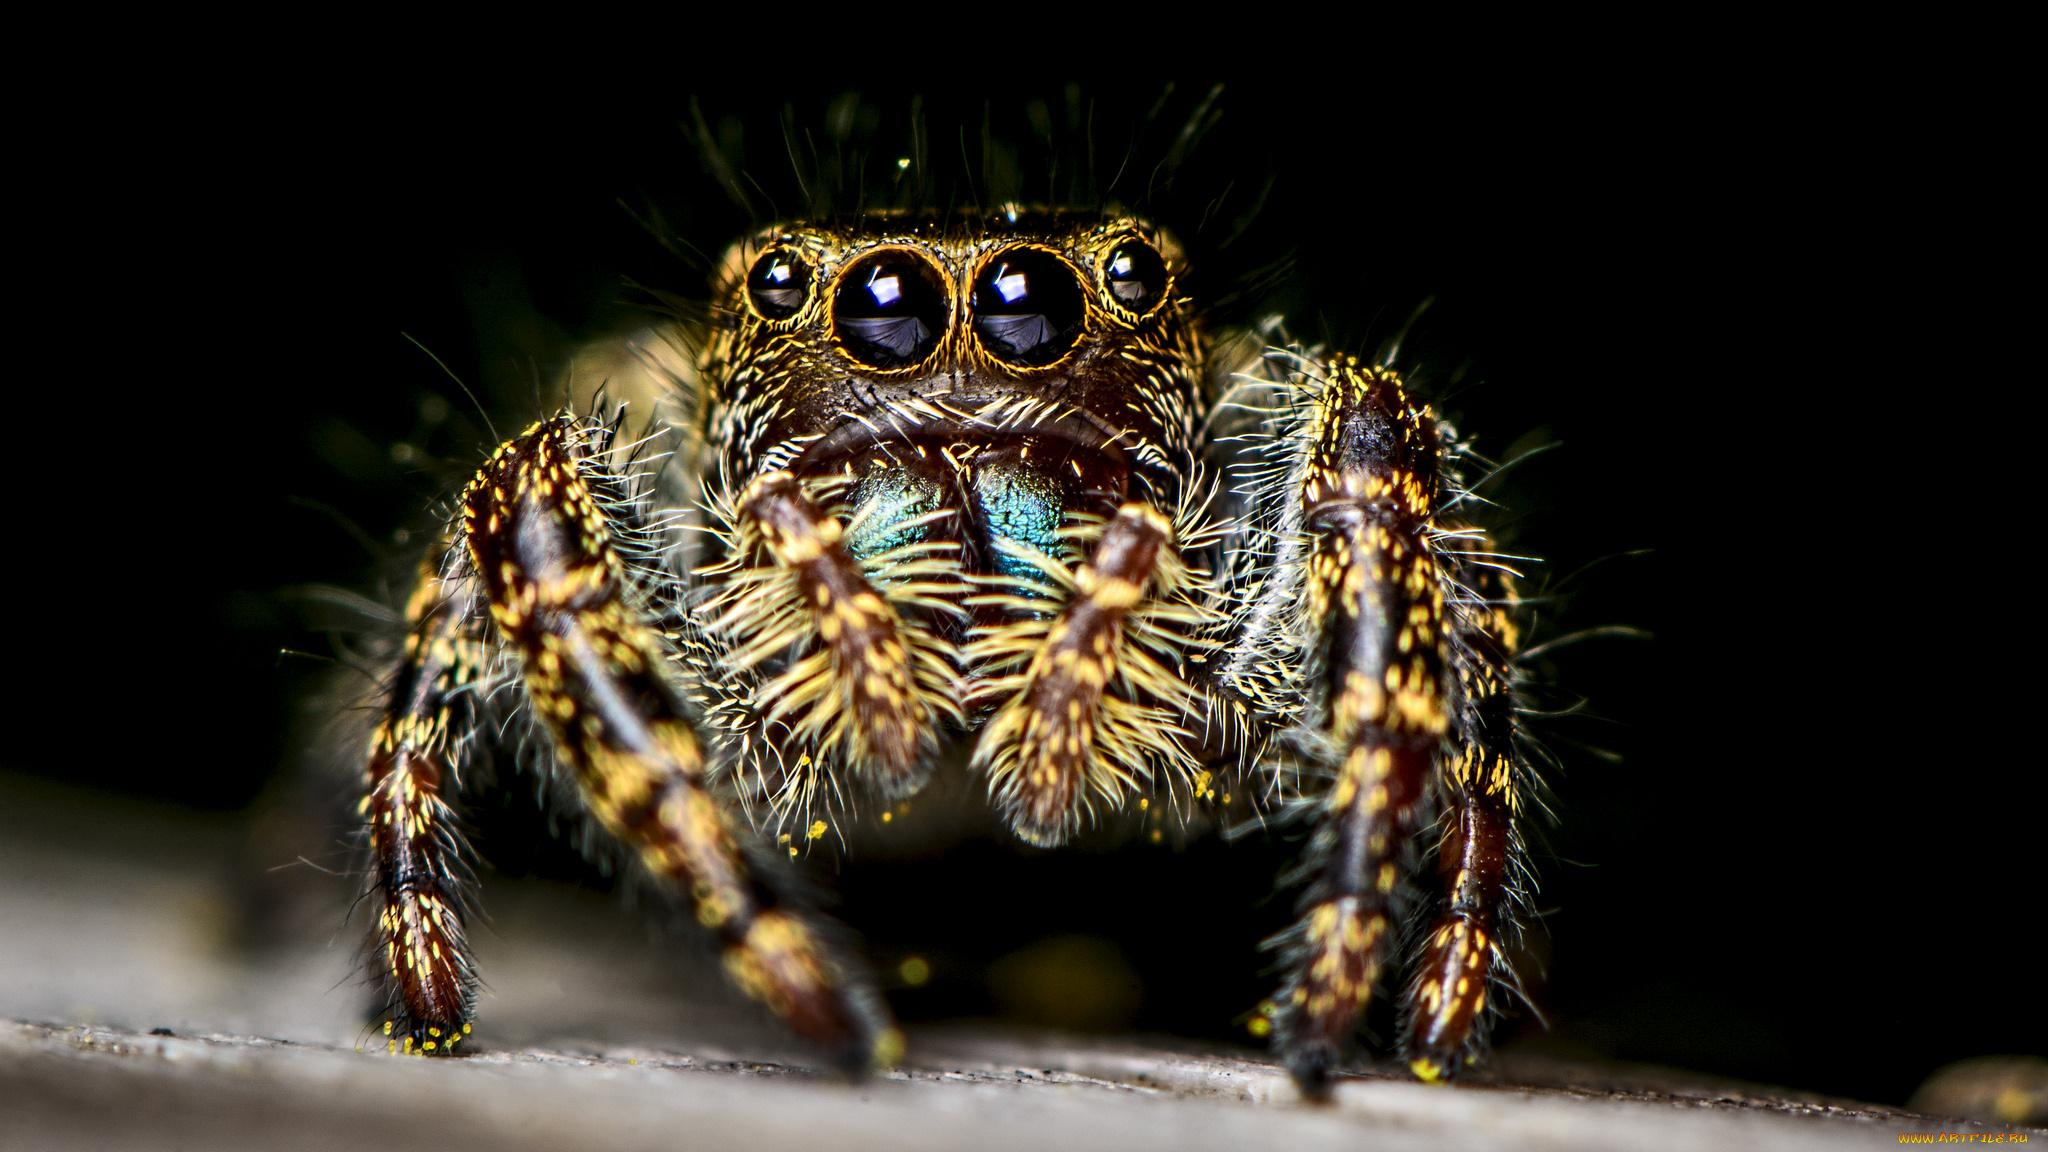 природа животные паук  № 2544206 загрузить